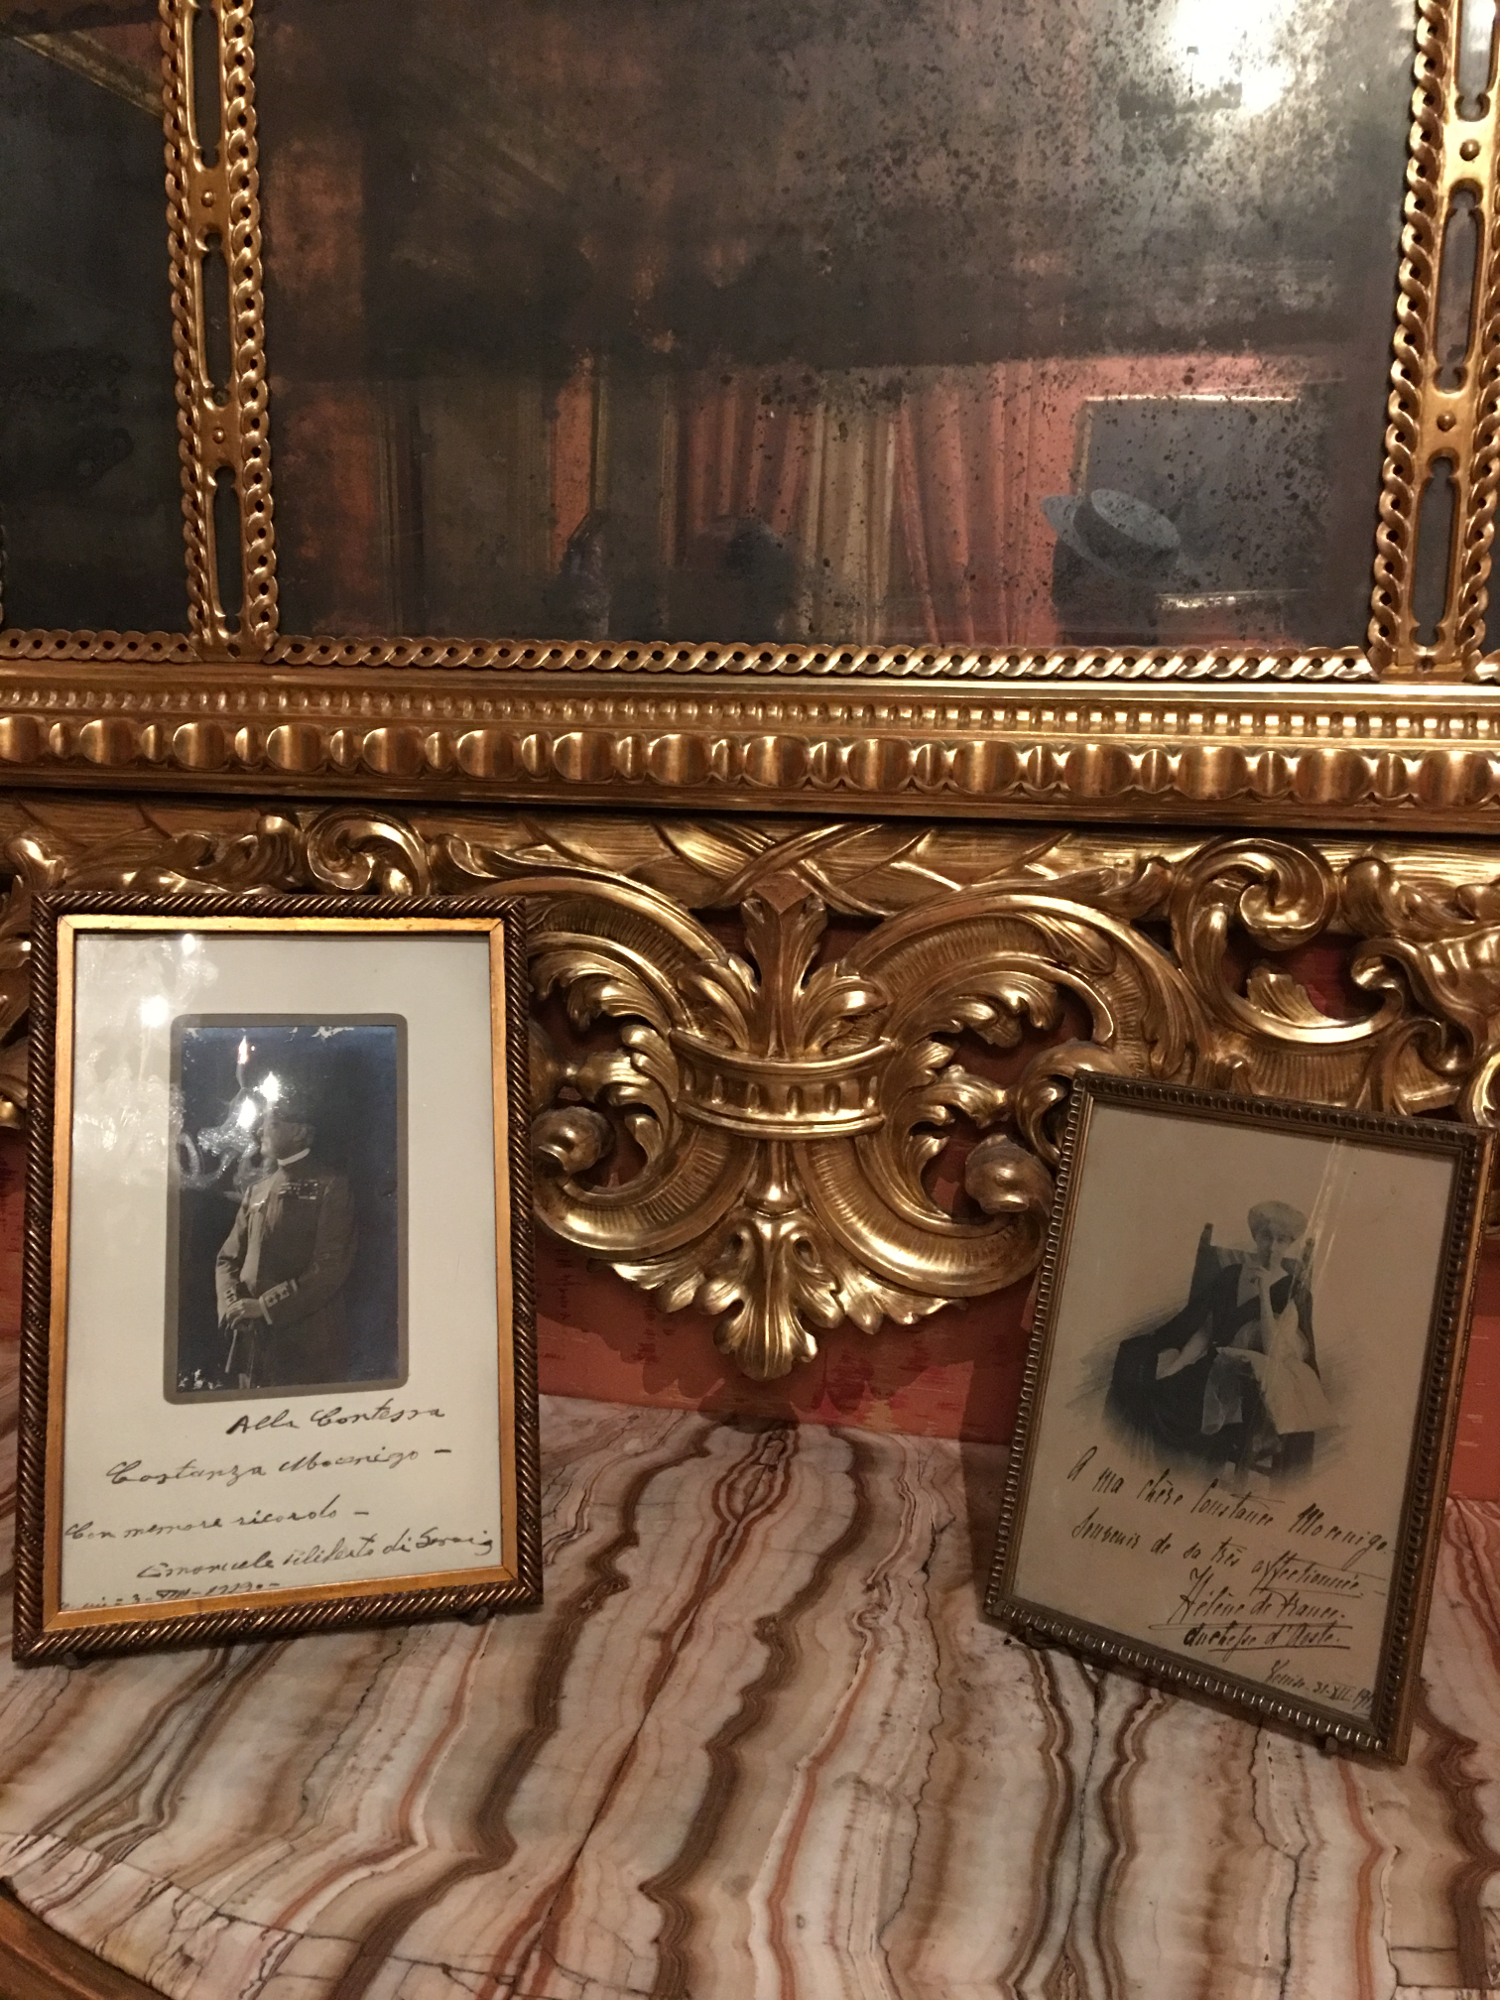 rocaille-blog-venezia-palazzo-mocenigo-museo-costume-43